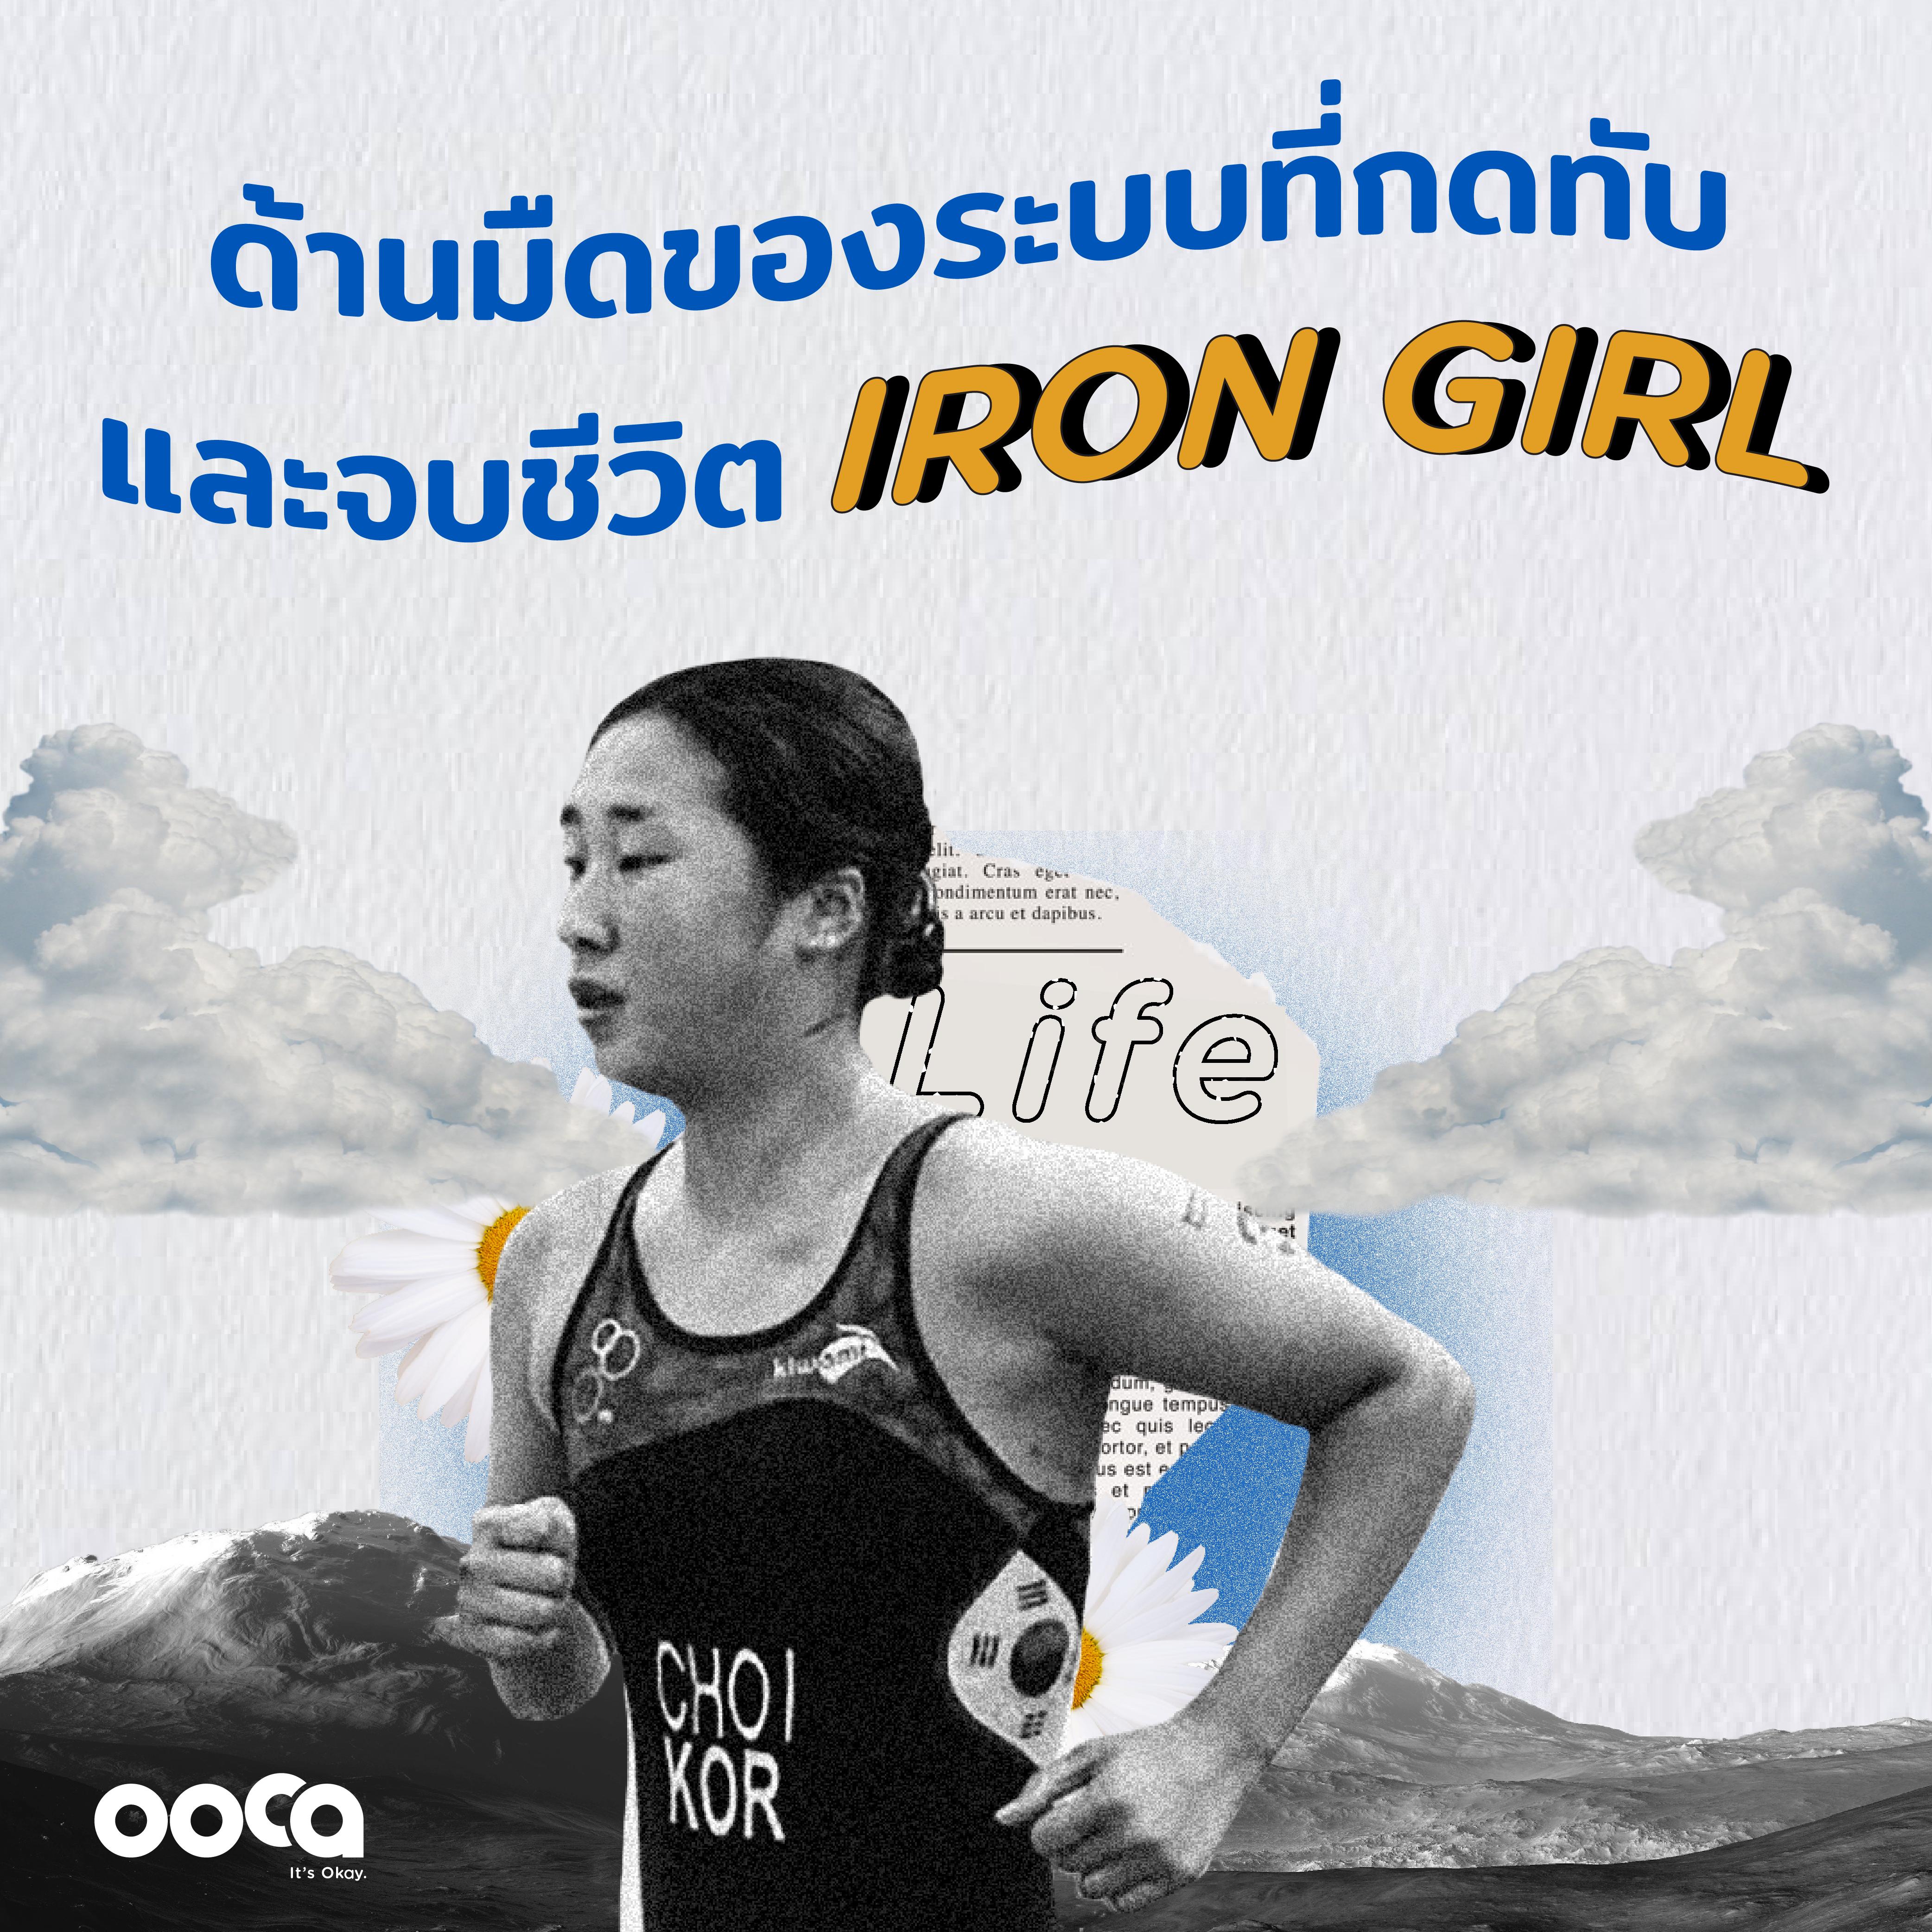 Iron girl นักกีฬาโดนบูลลี่